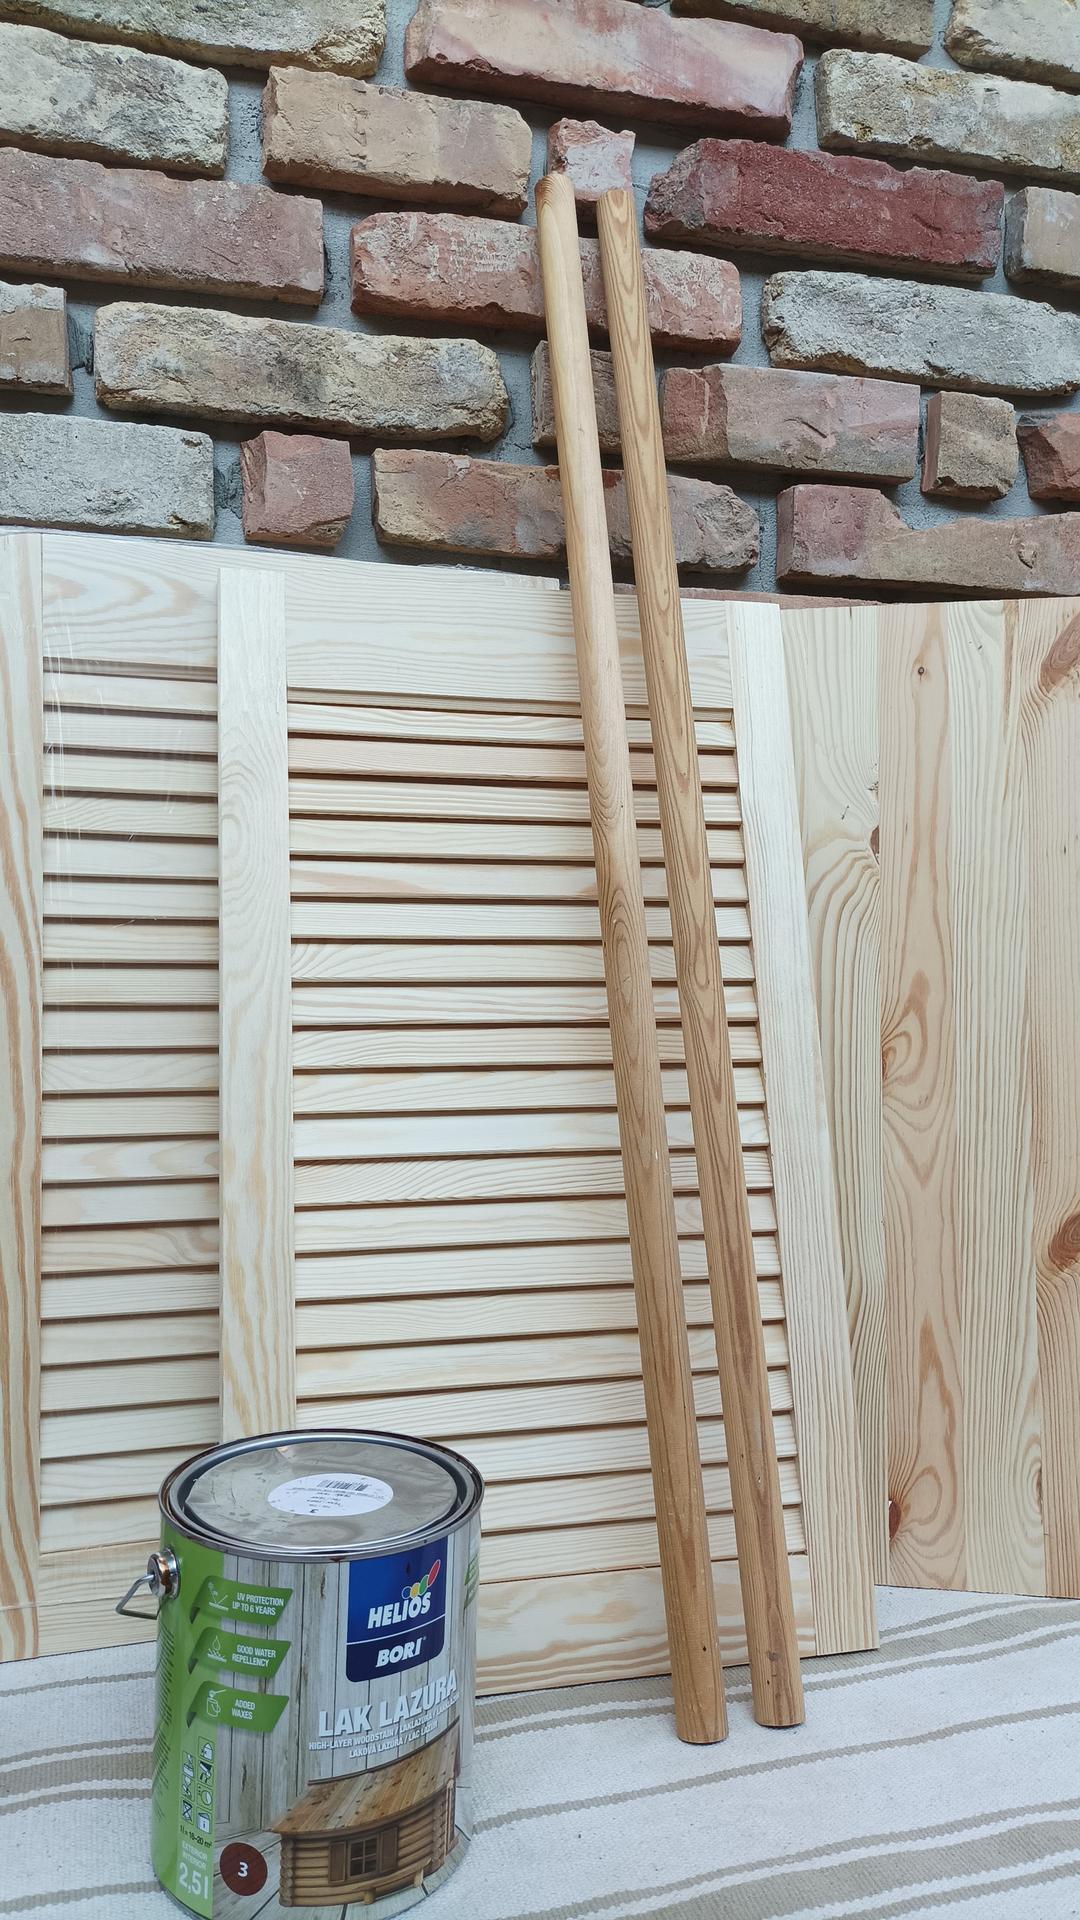 Polička vo vidieckom štýle na našu terasu - ako prvý krok je impregnácia všetkého nového dreva